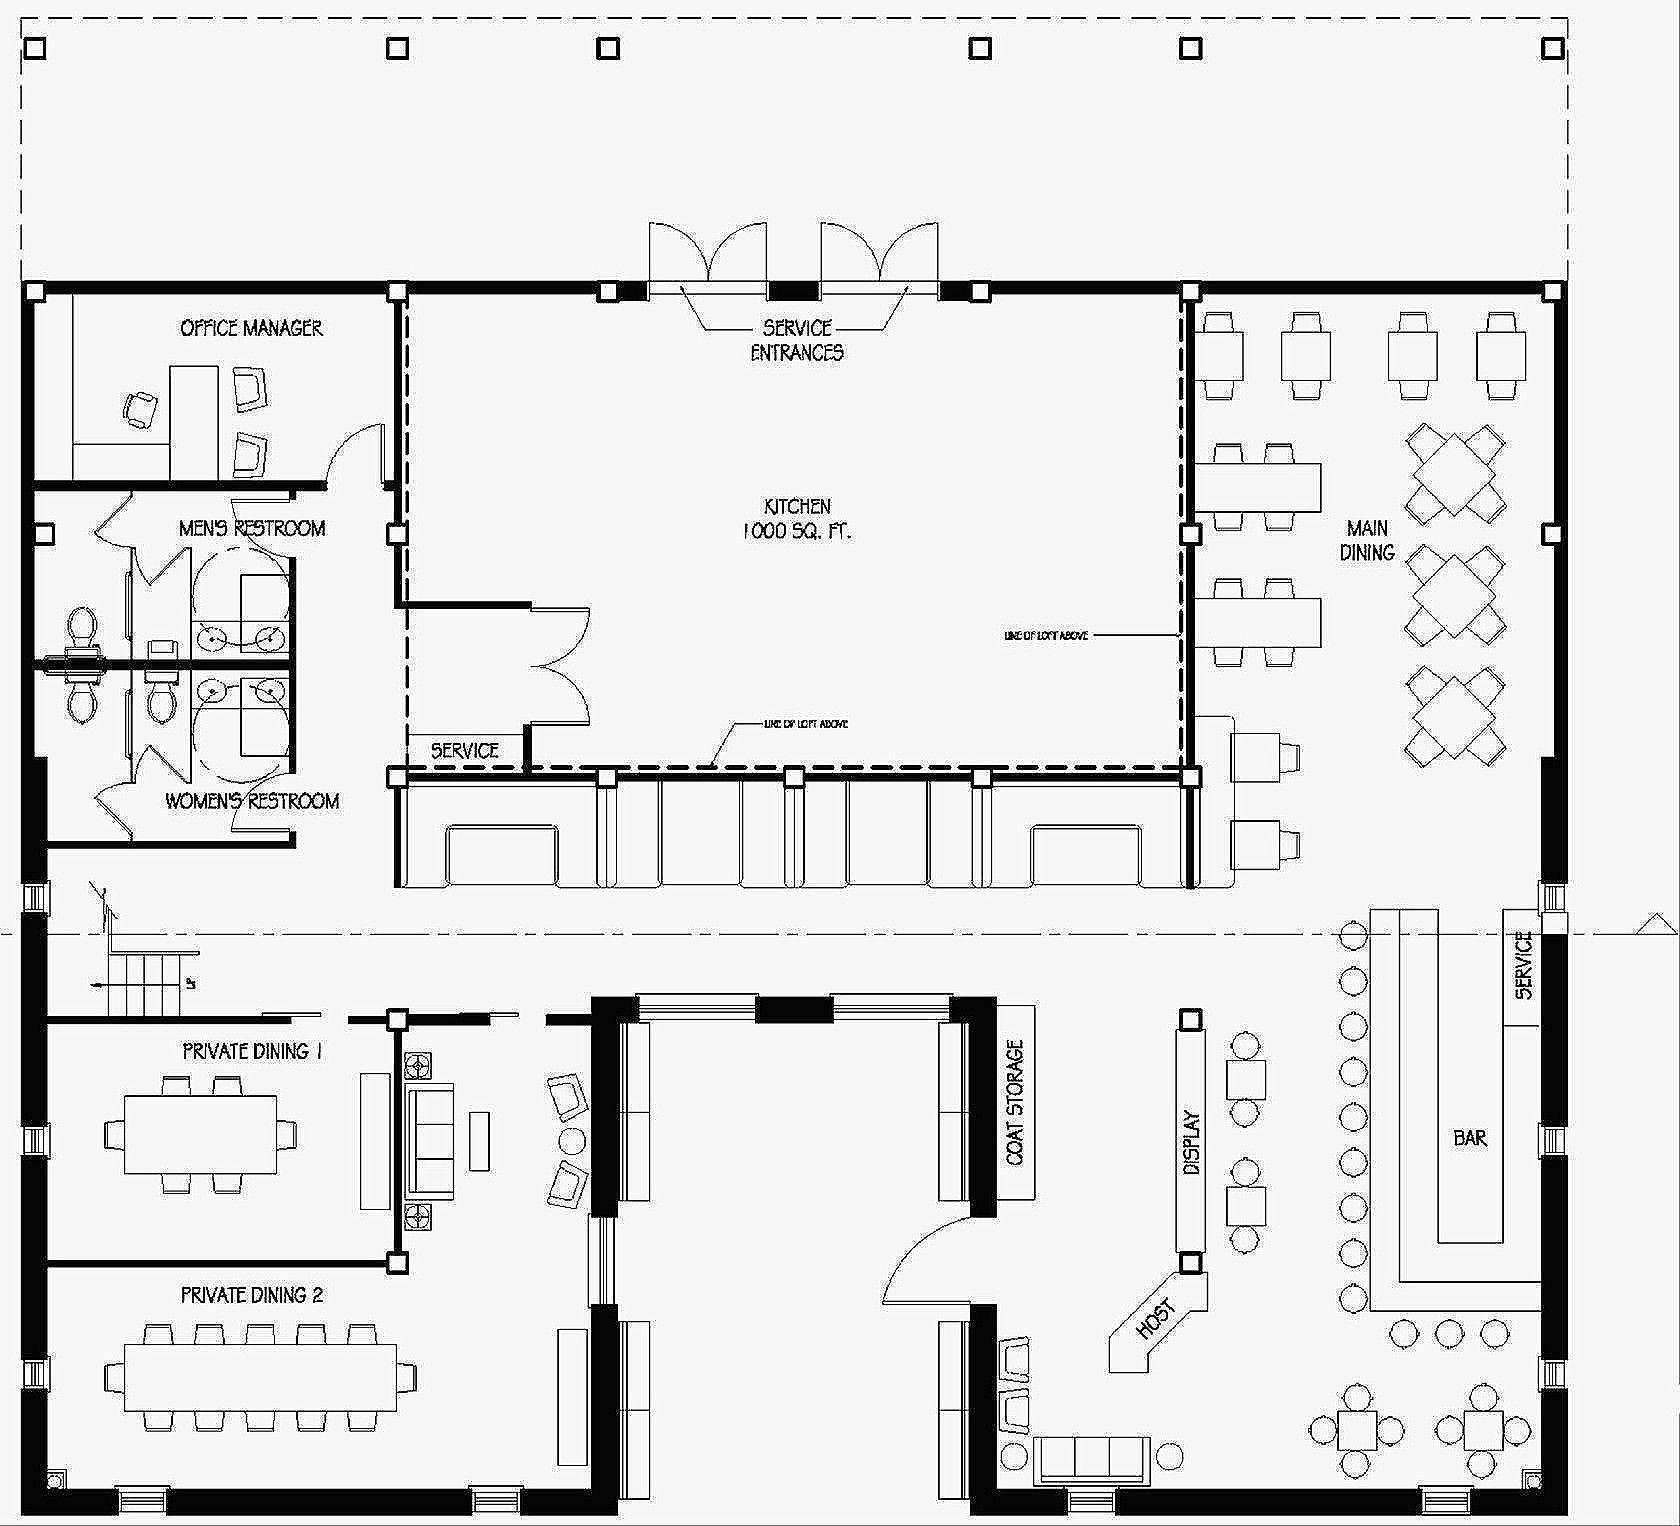 elegant bathroom design floor plan  restaurant floor plan